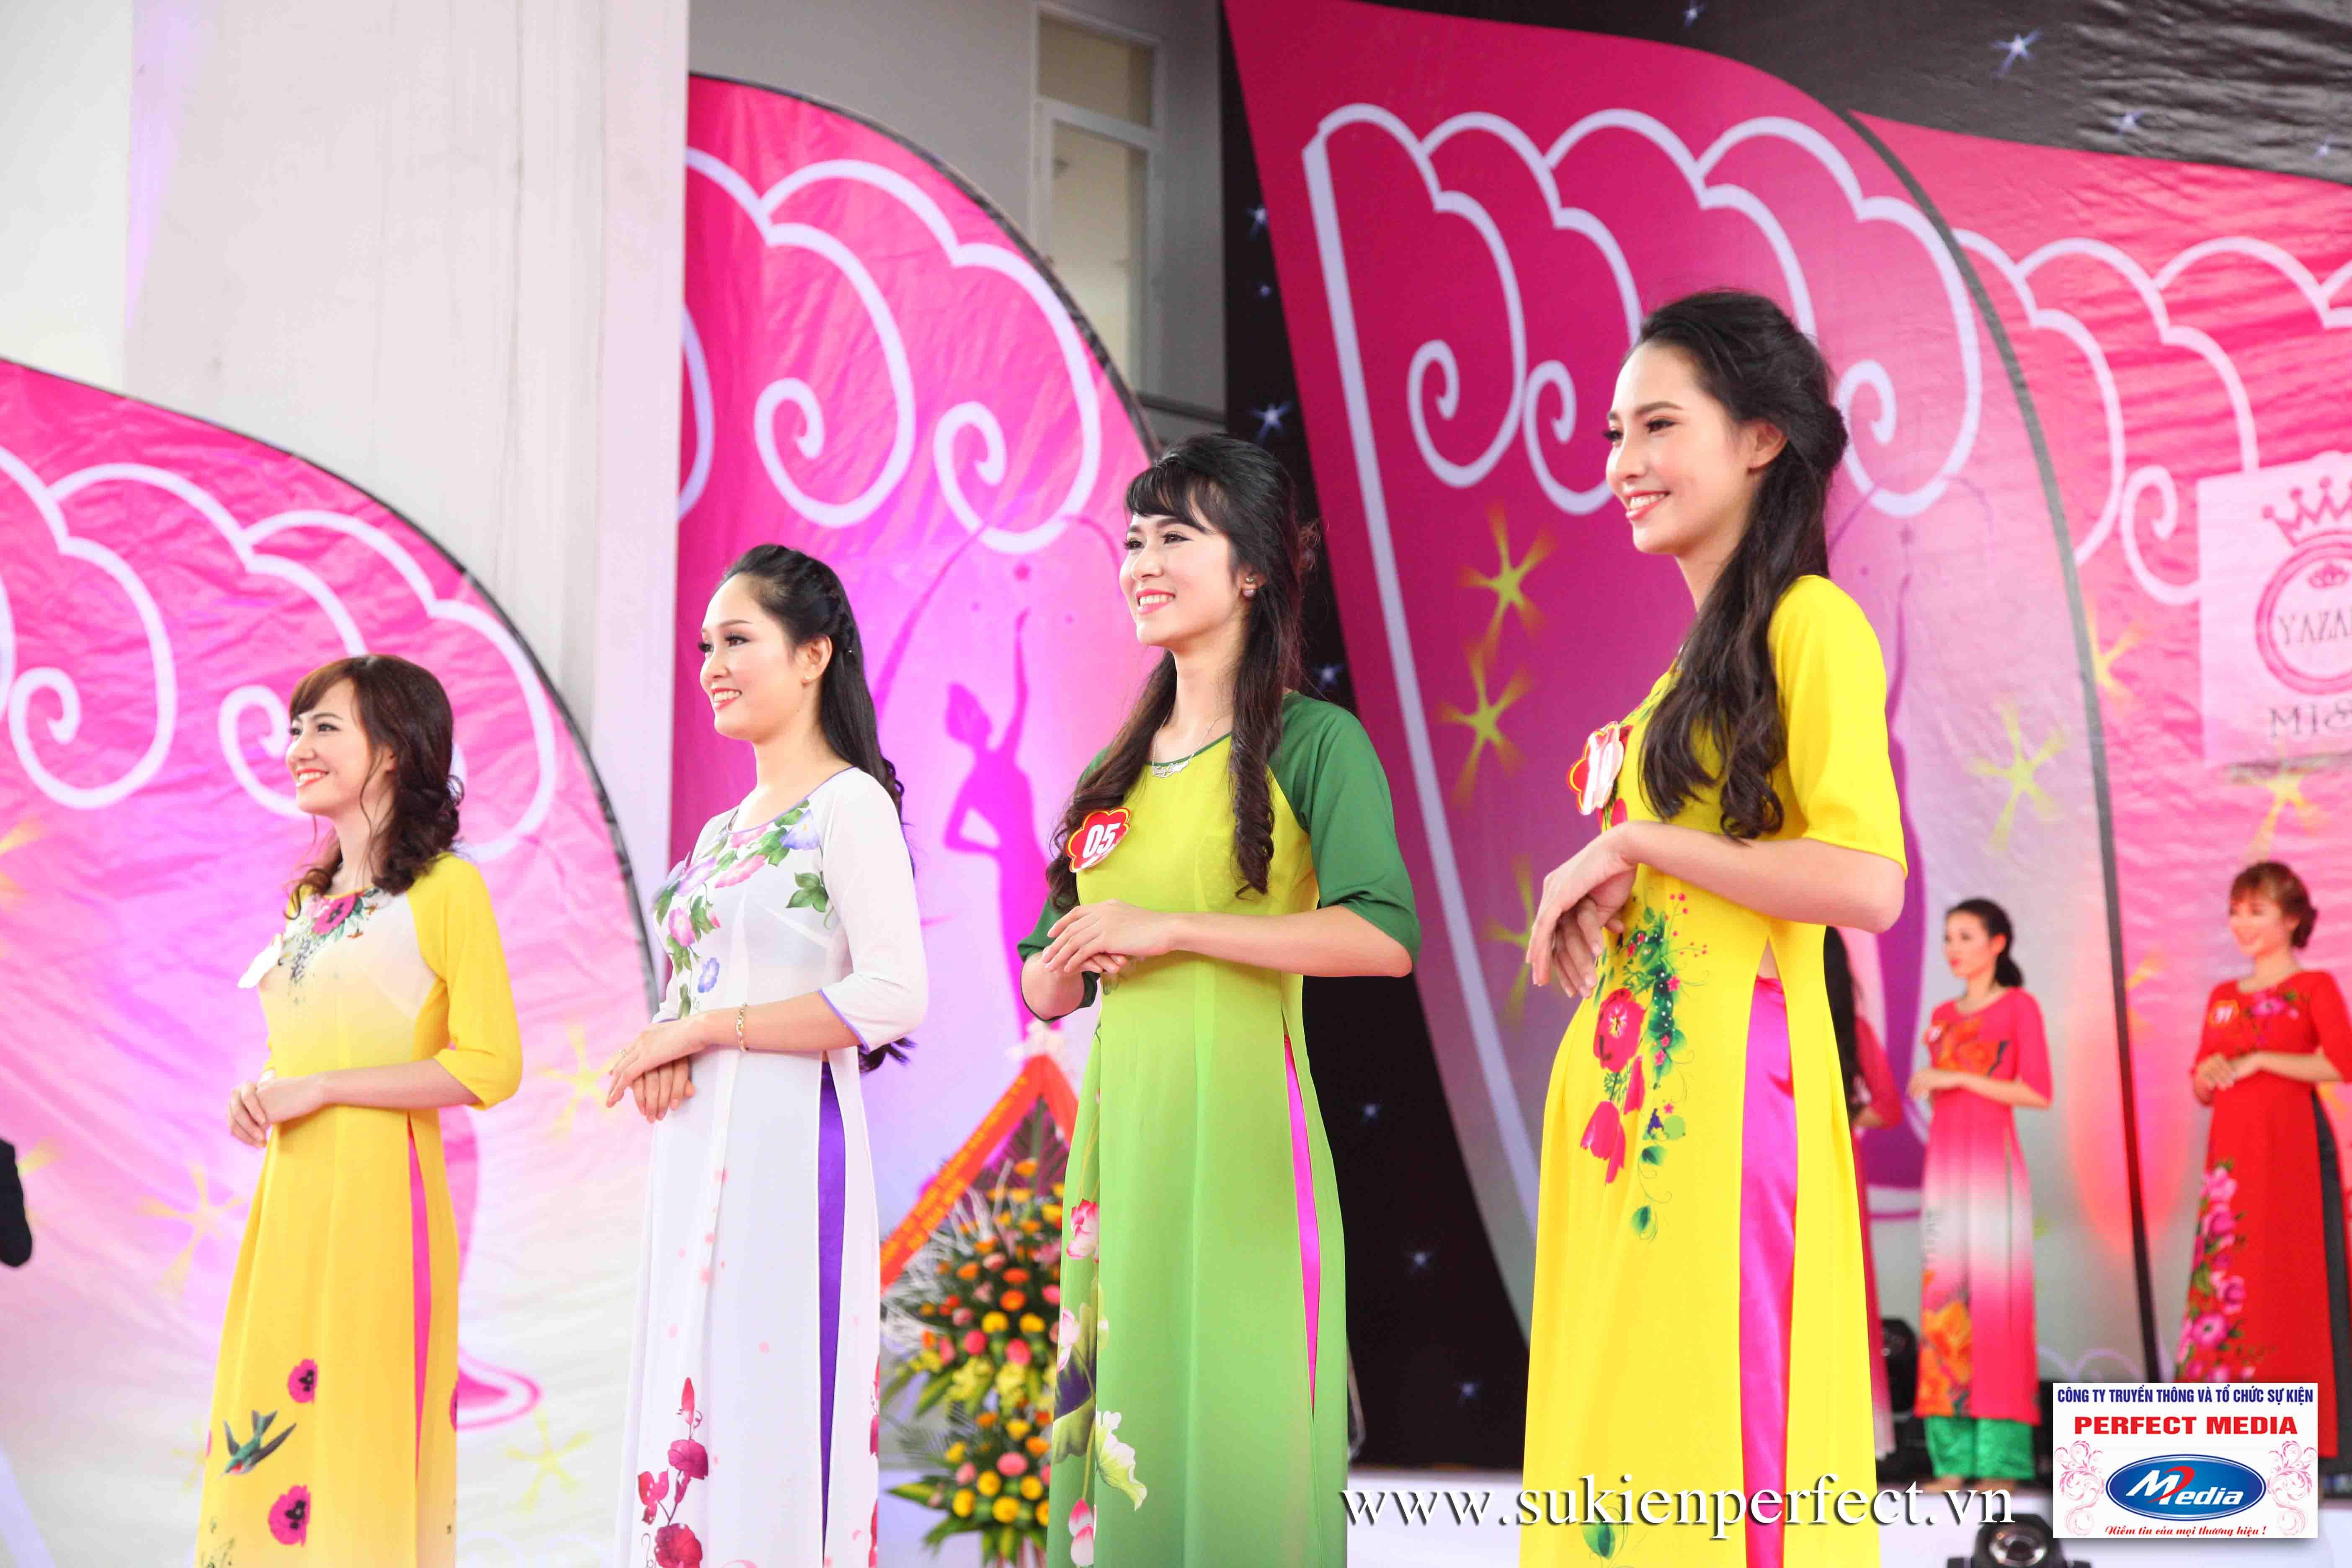 Hình ảnh các người đẹp trong sự kiện Người đẹp Yazaki Quảng Ninh 2016 (Màn đăng quang) - 01